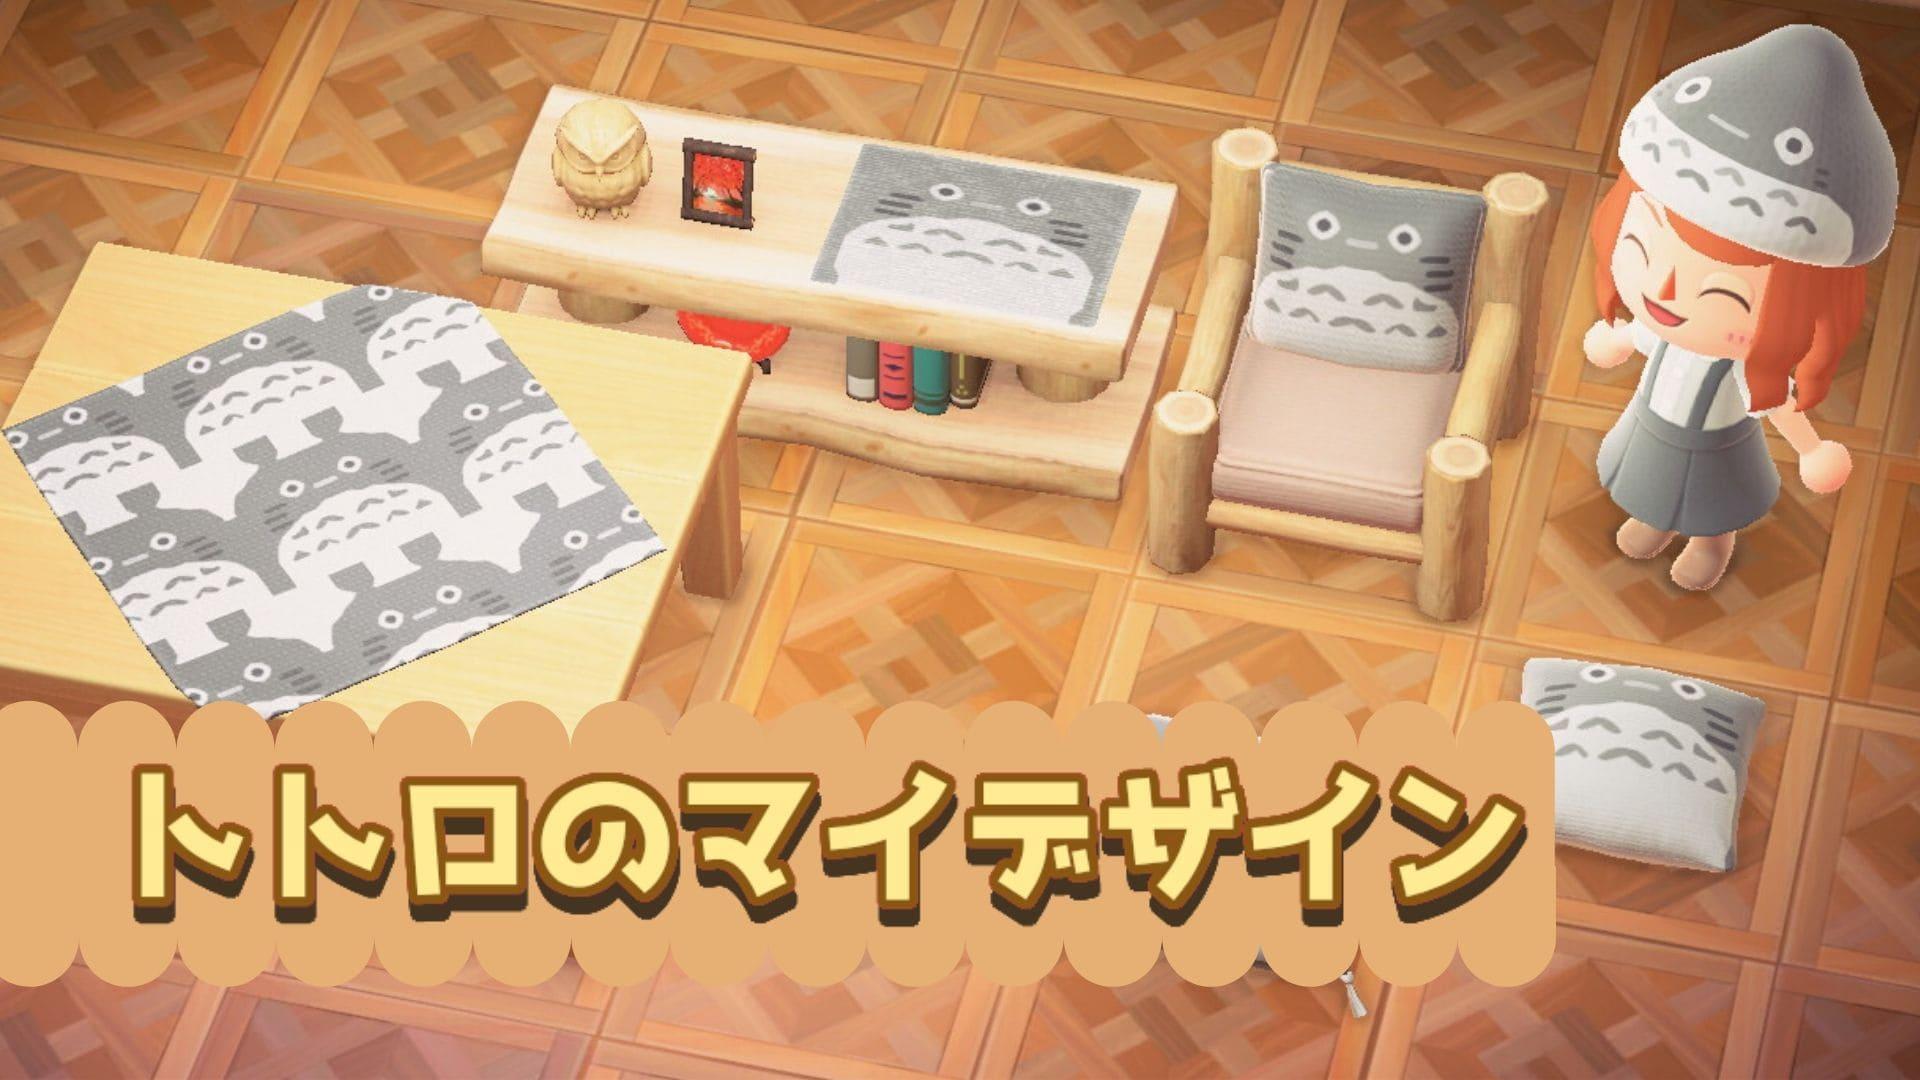 【あつ森】トトロのマイデザイン配布と描き方